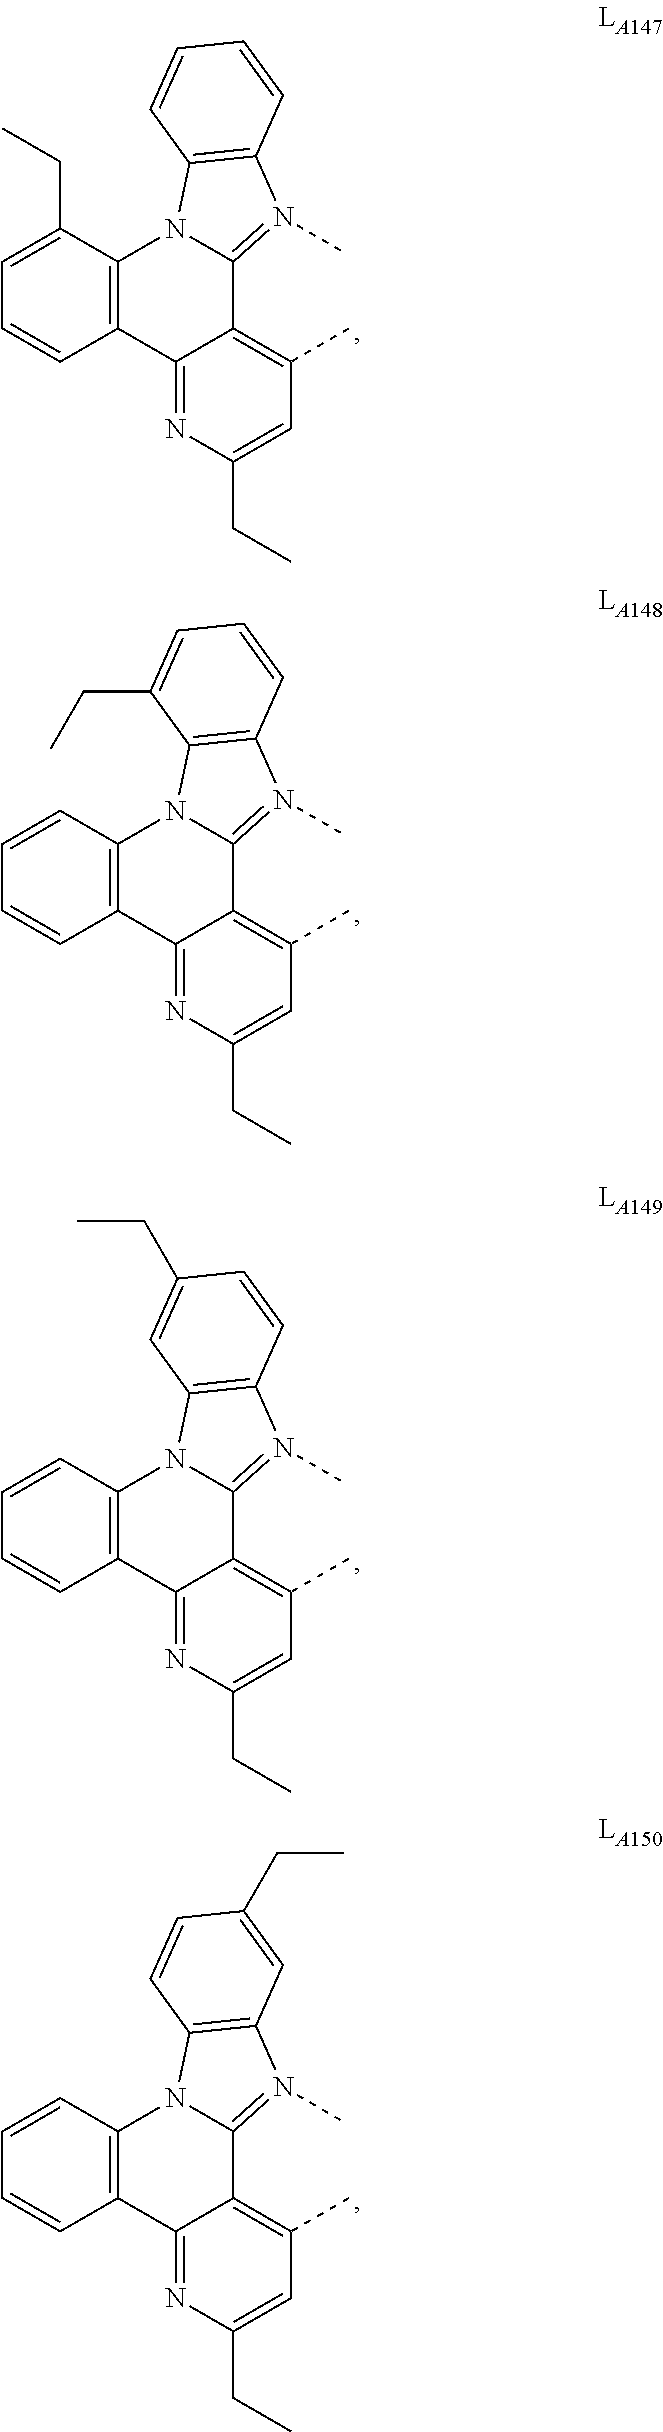 Figure US09905785-20180227-C00456